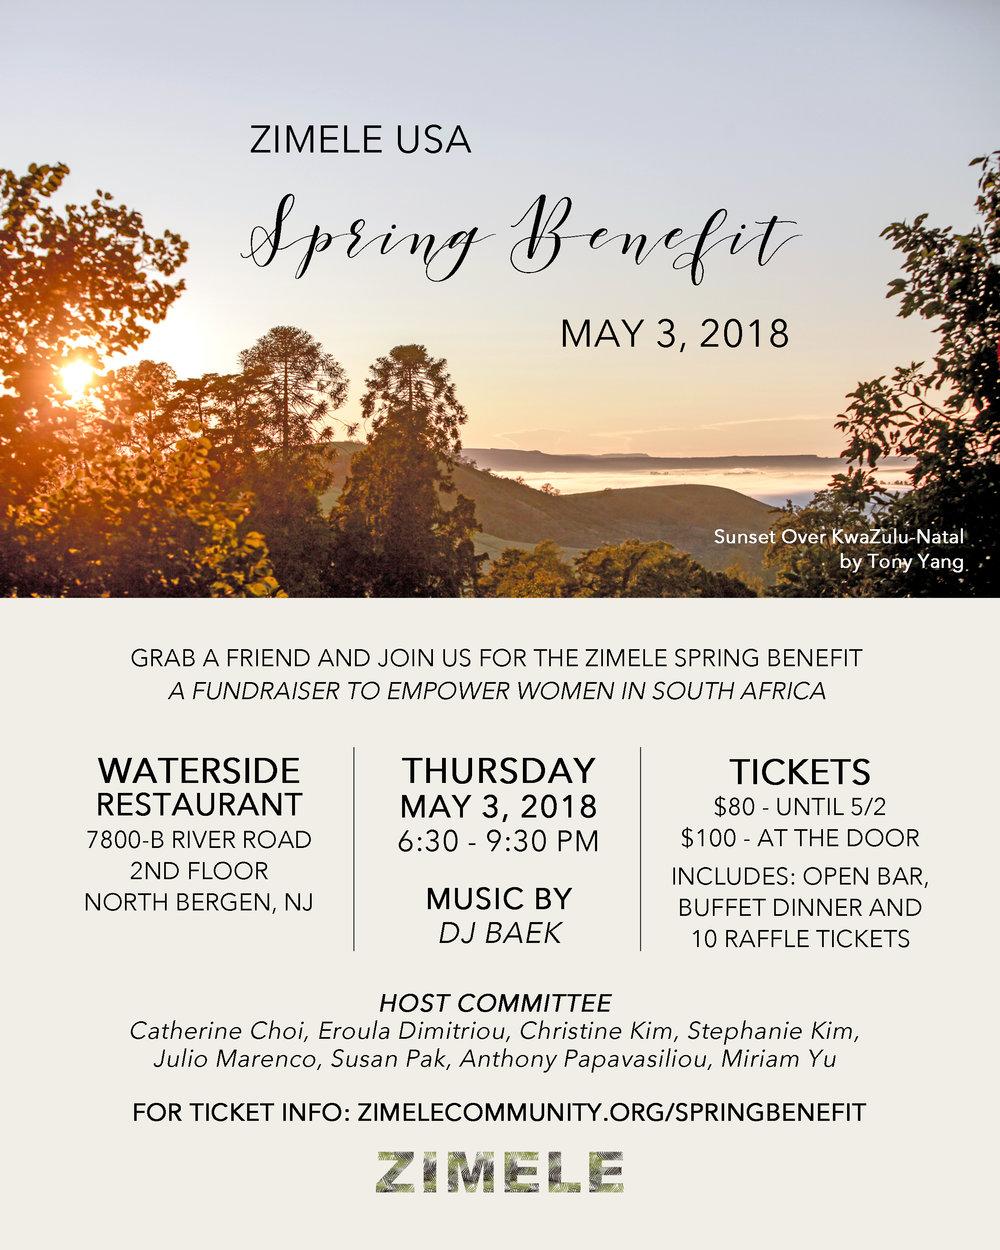 spring benefit flyer v3.jpg